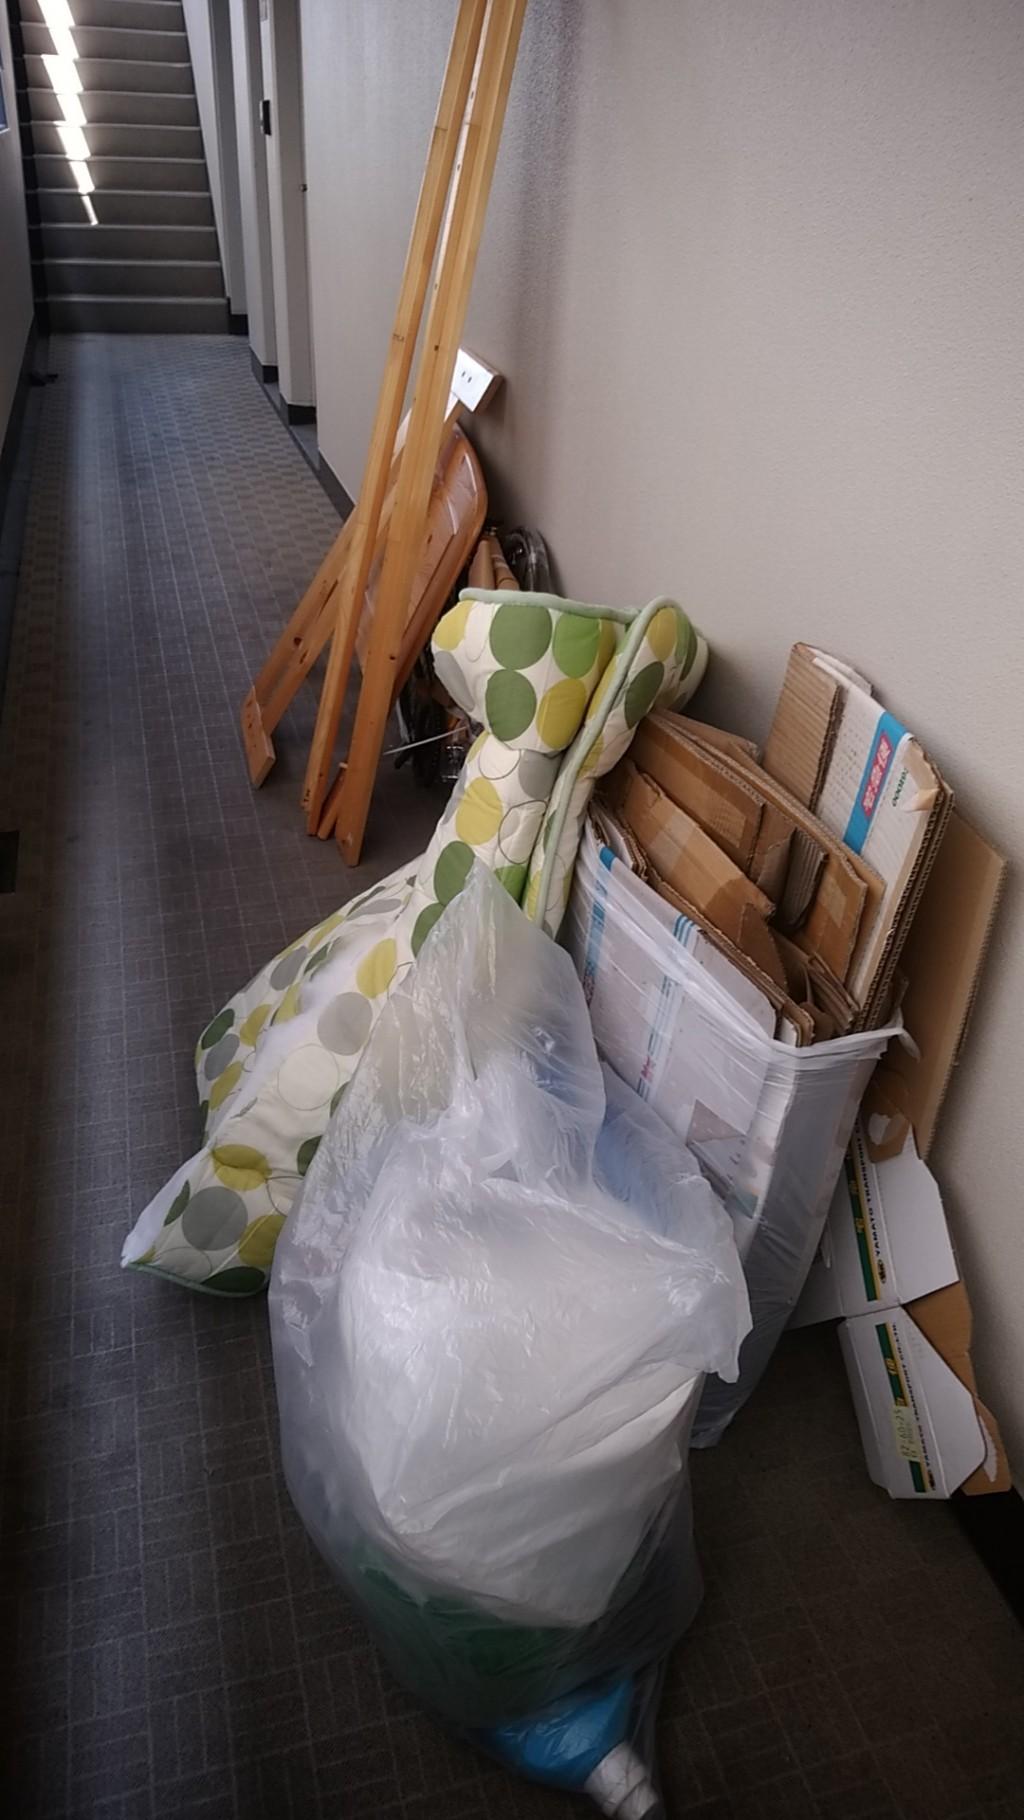 【徳島市山城西】布団・ベッドなど即日回収でご満足いただけました